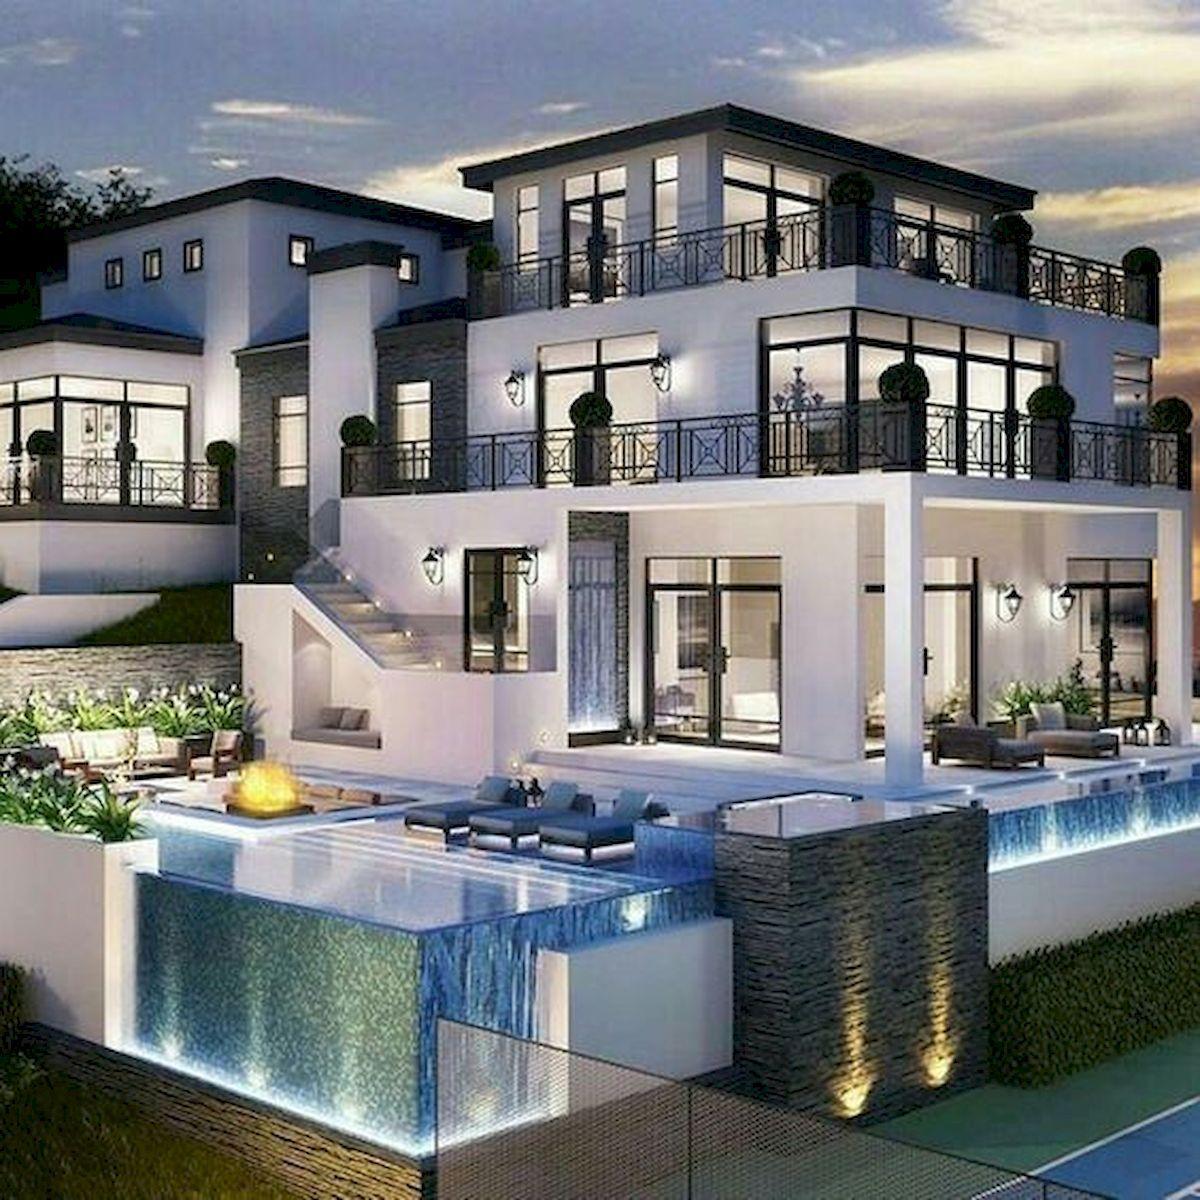 65 Stunning Modern Dream House Exterior Design Ideas (61